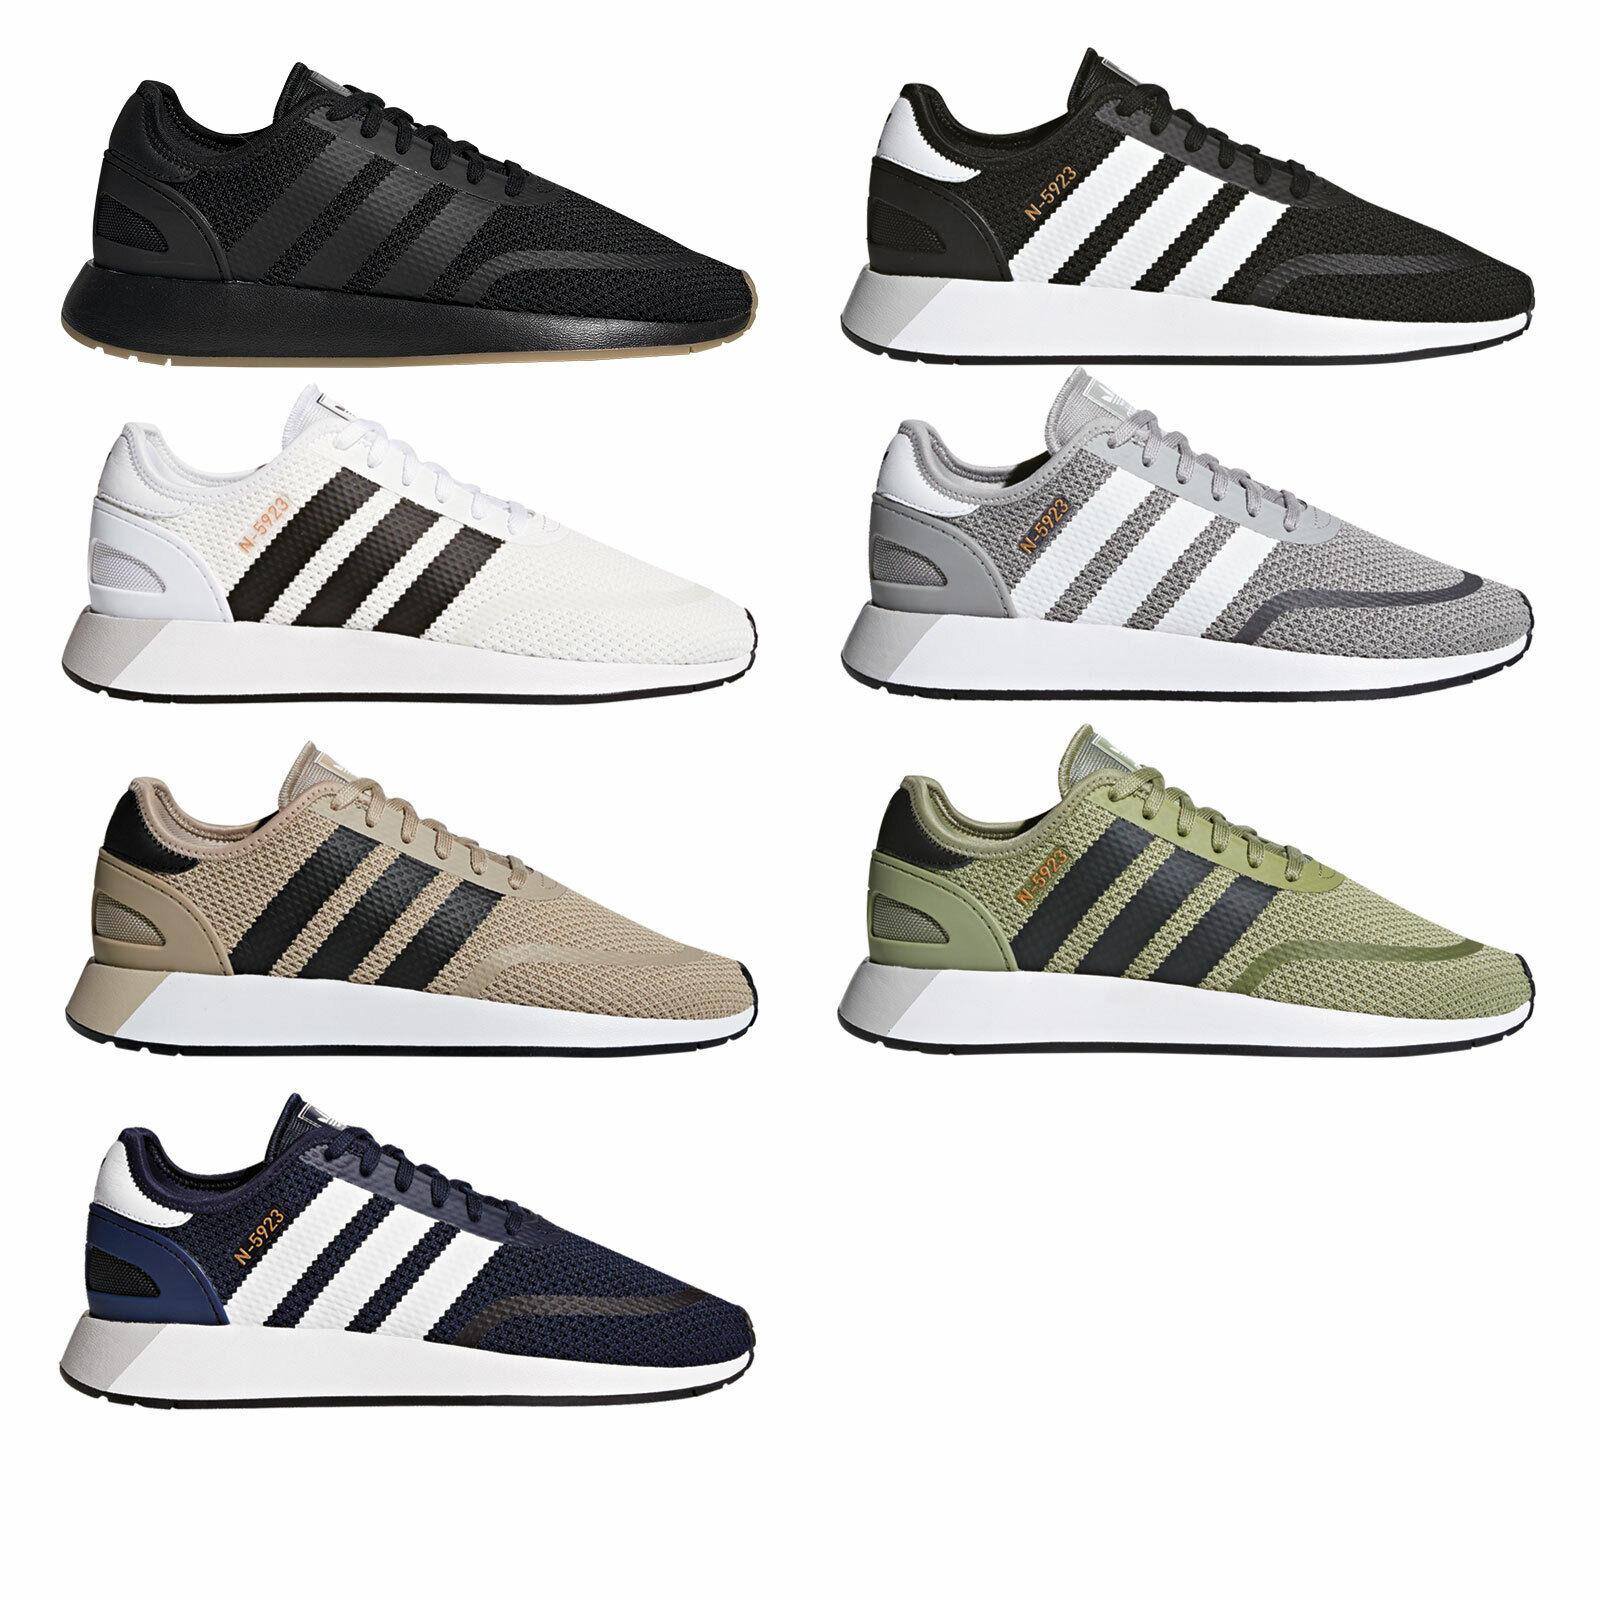 Adidas Originals Iniki n-5923 caballeros-cortos zapatillas calzado deportivo zapatos